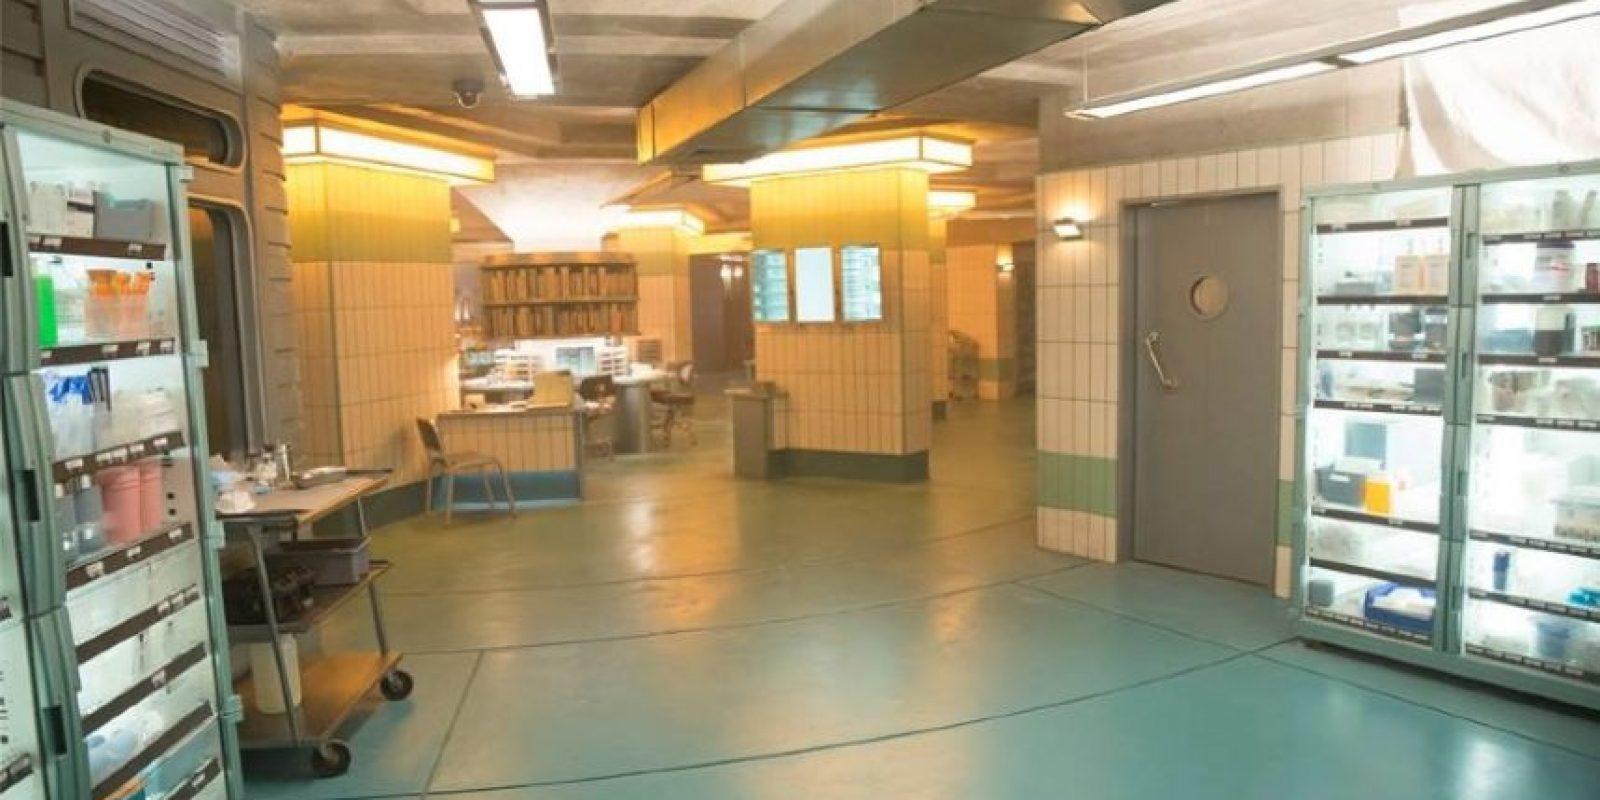 El Hospital Foto:Facebook/LosJuegosdelHambre